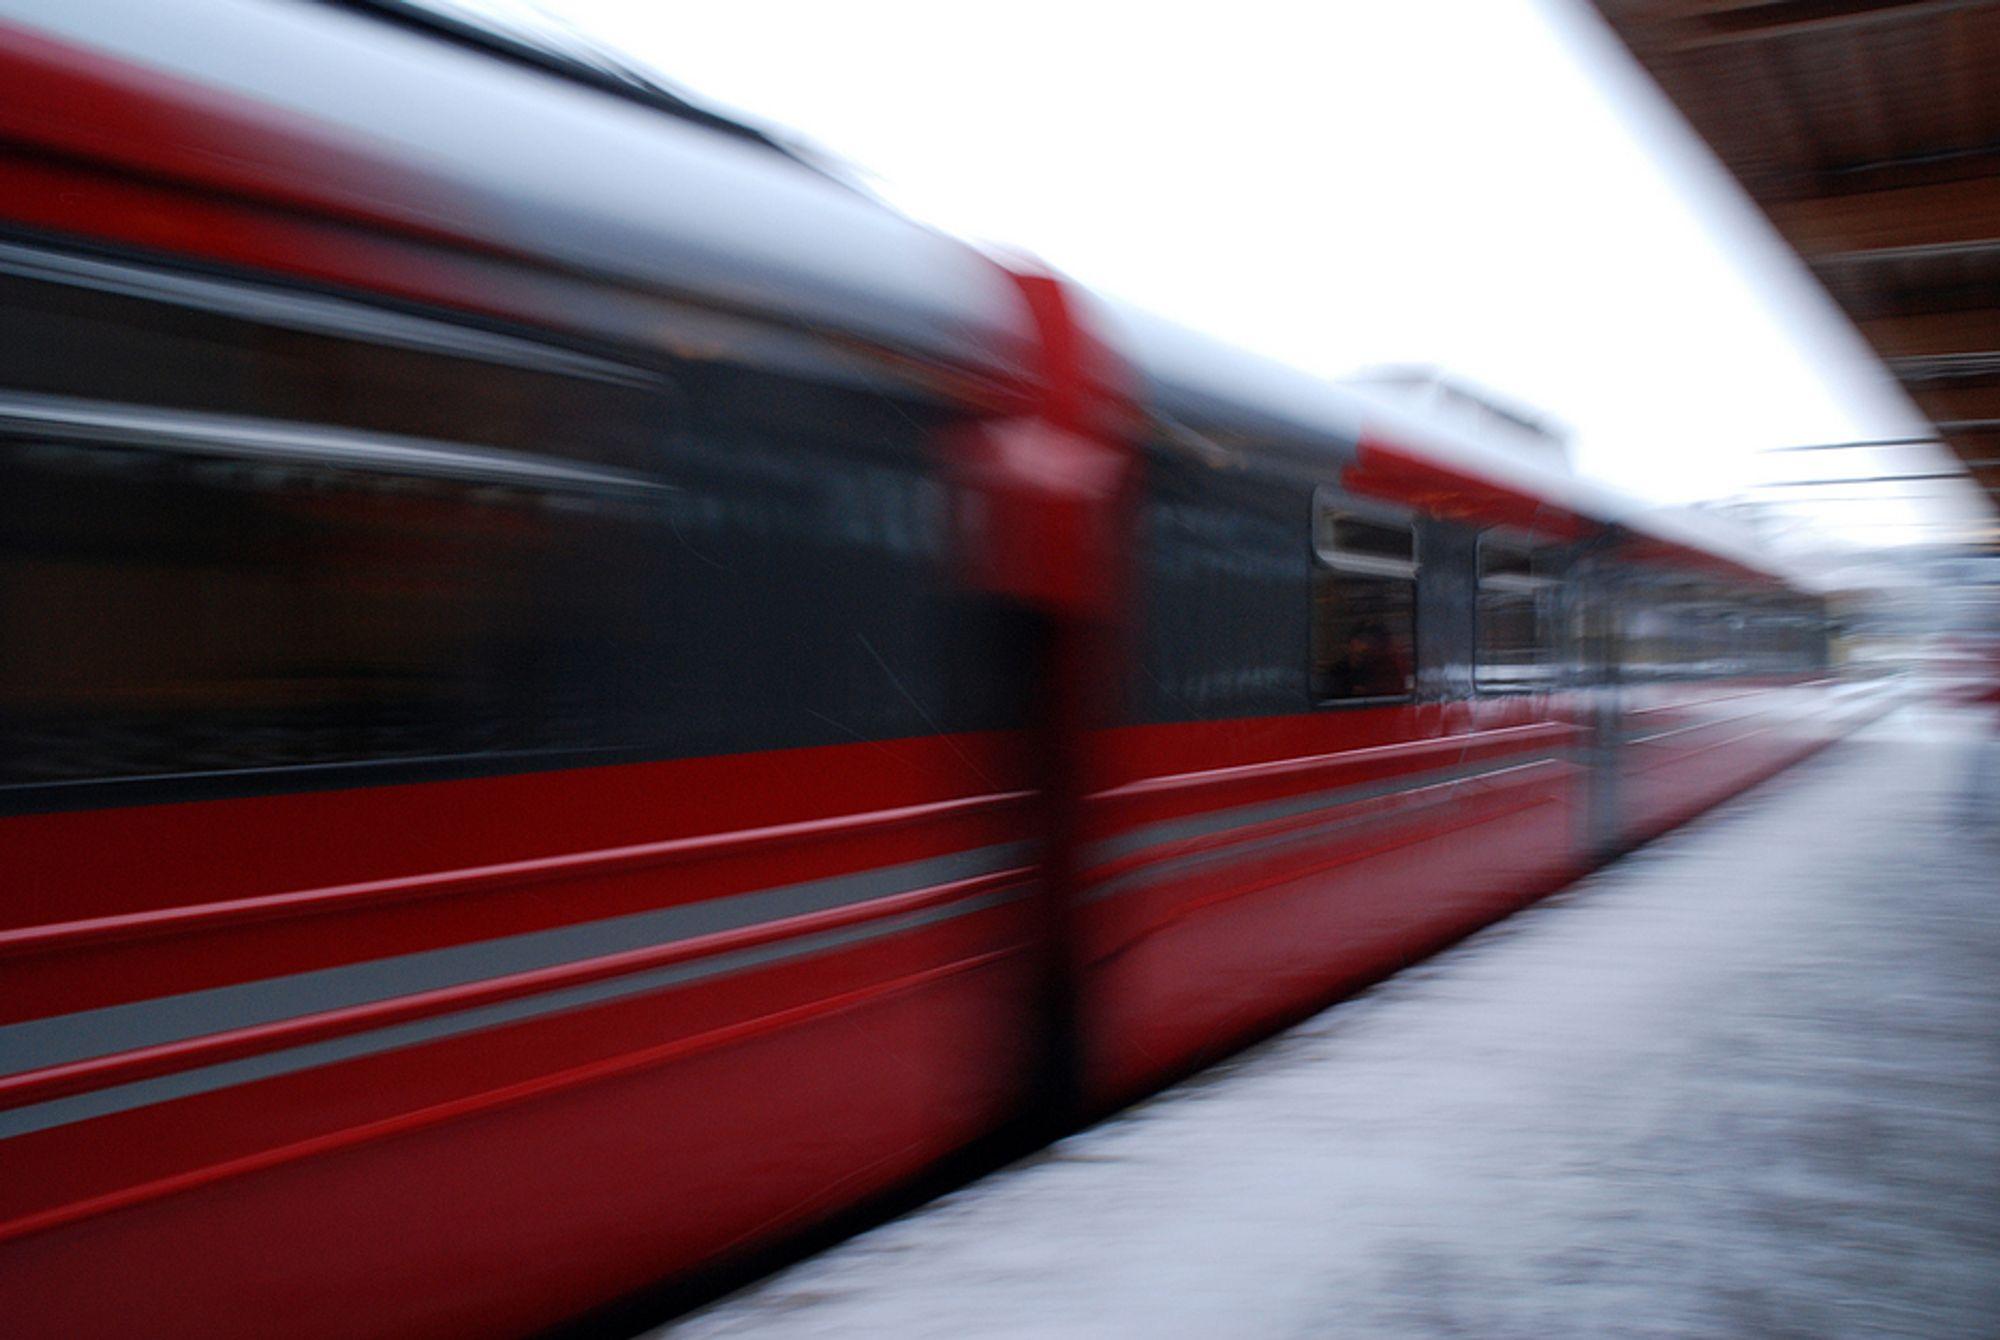 Jernbaneverket og NSB sier de aldri har vært bedre forberedt på vinteren. Likevel har allerede de vanlige vinterproblemene startet.